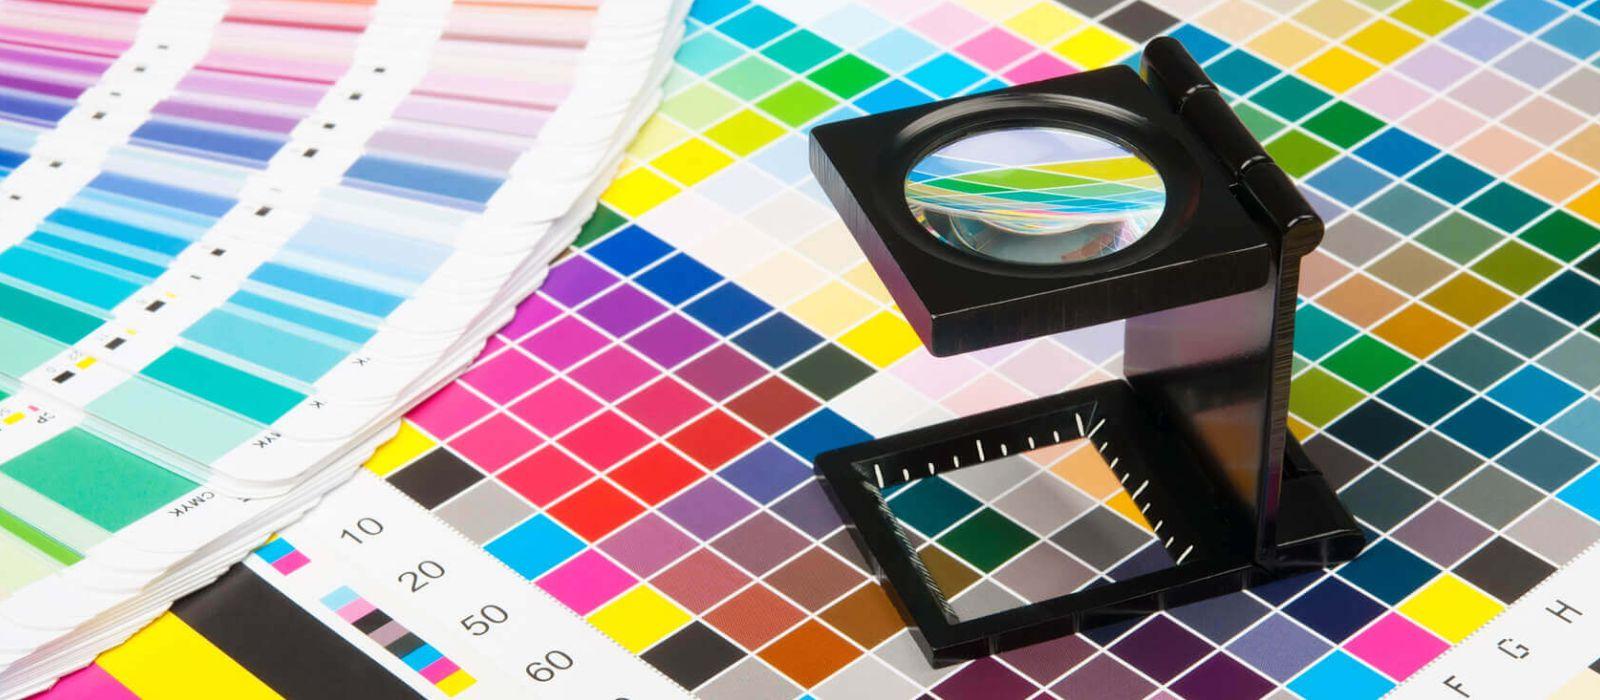 lg-impressos-home-wide